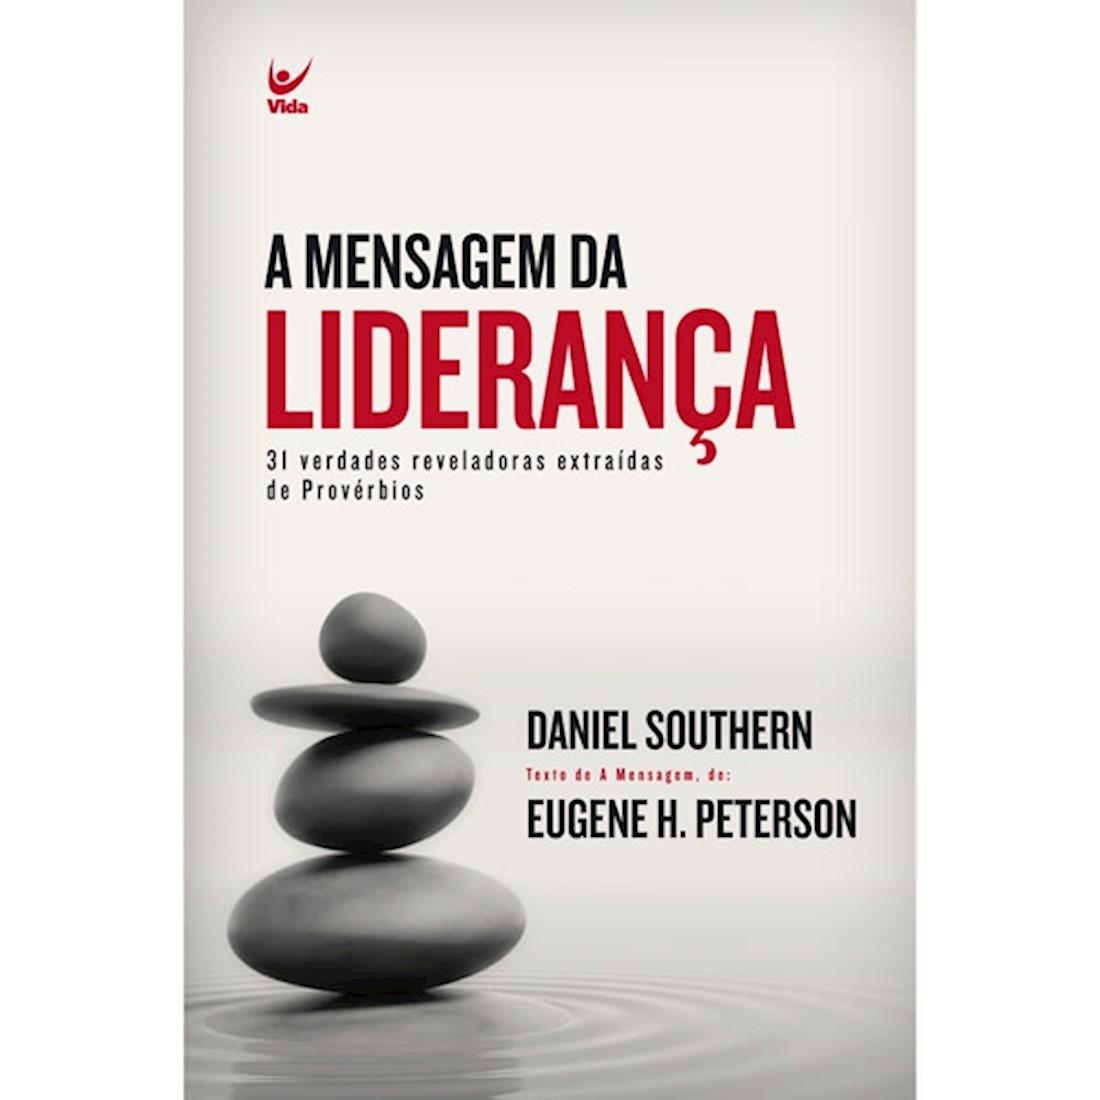 Livro A Mensagem da Liderança